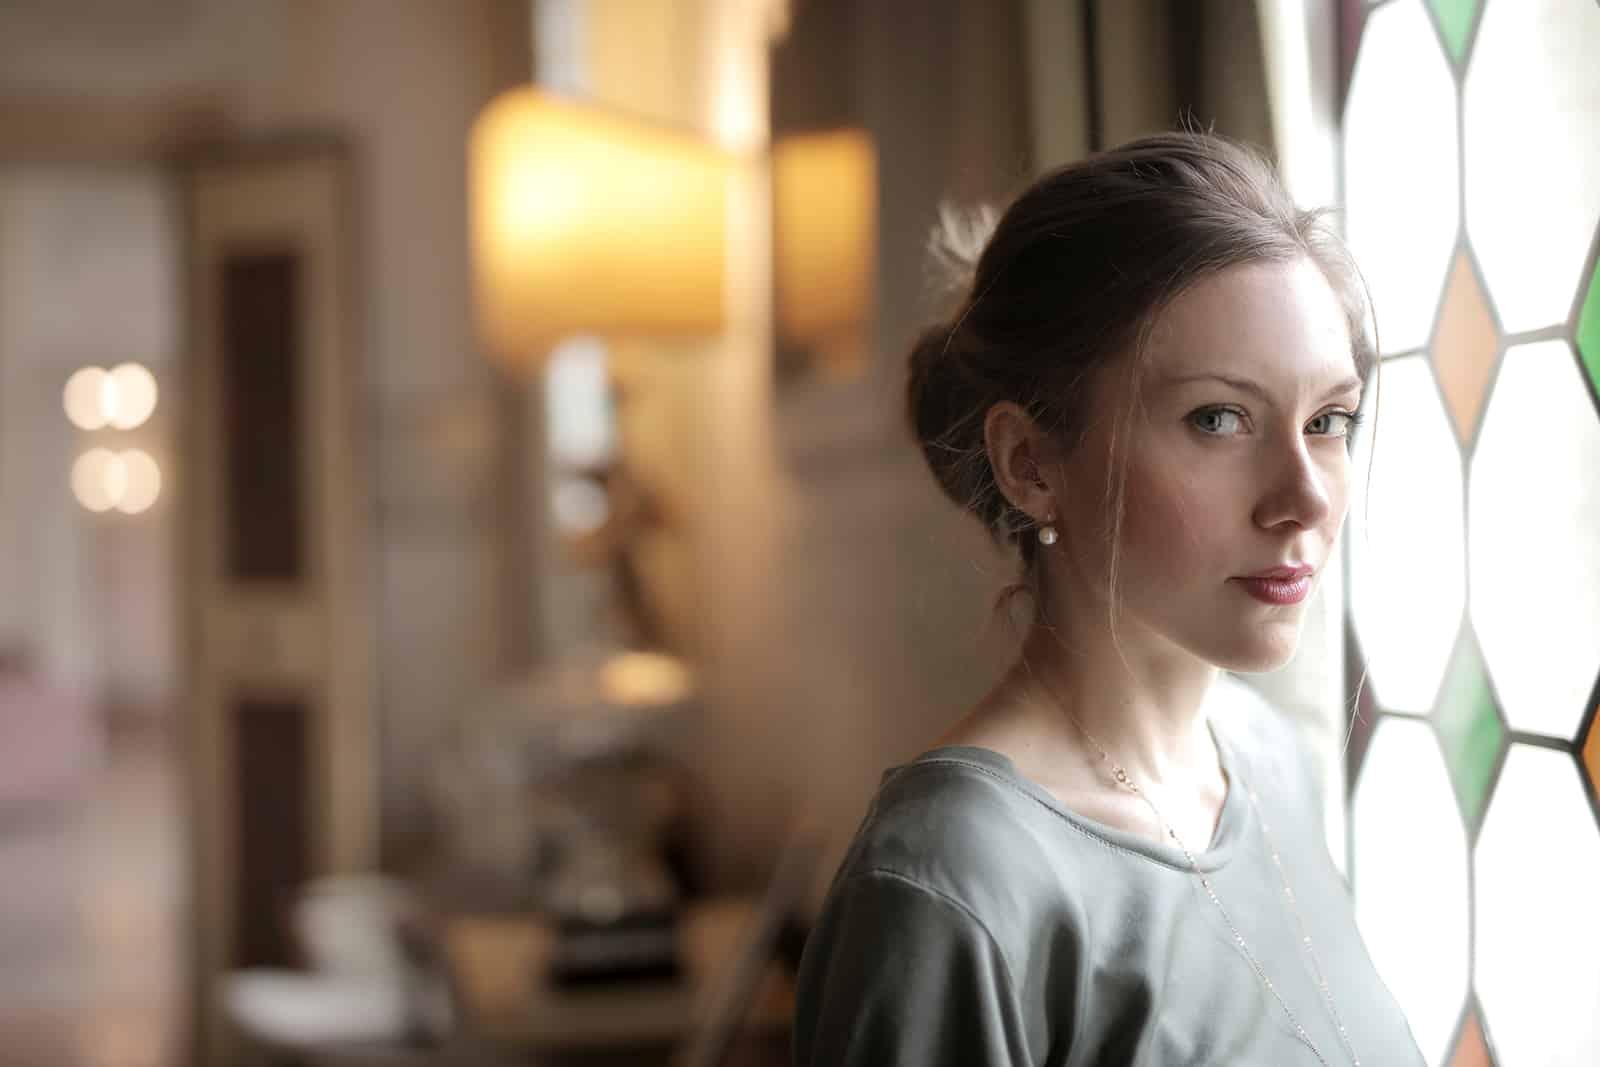 selbstbewusste Frau, die in der Nähe des Fensters im Wohnzimmer steht